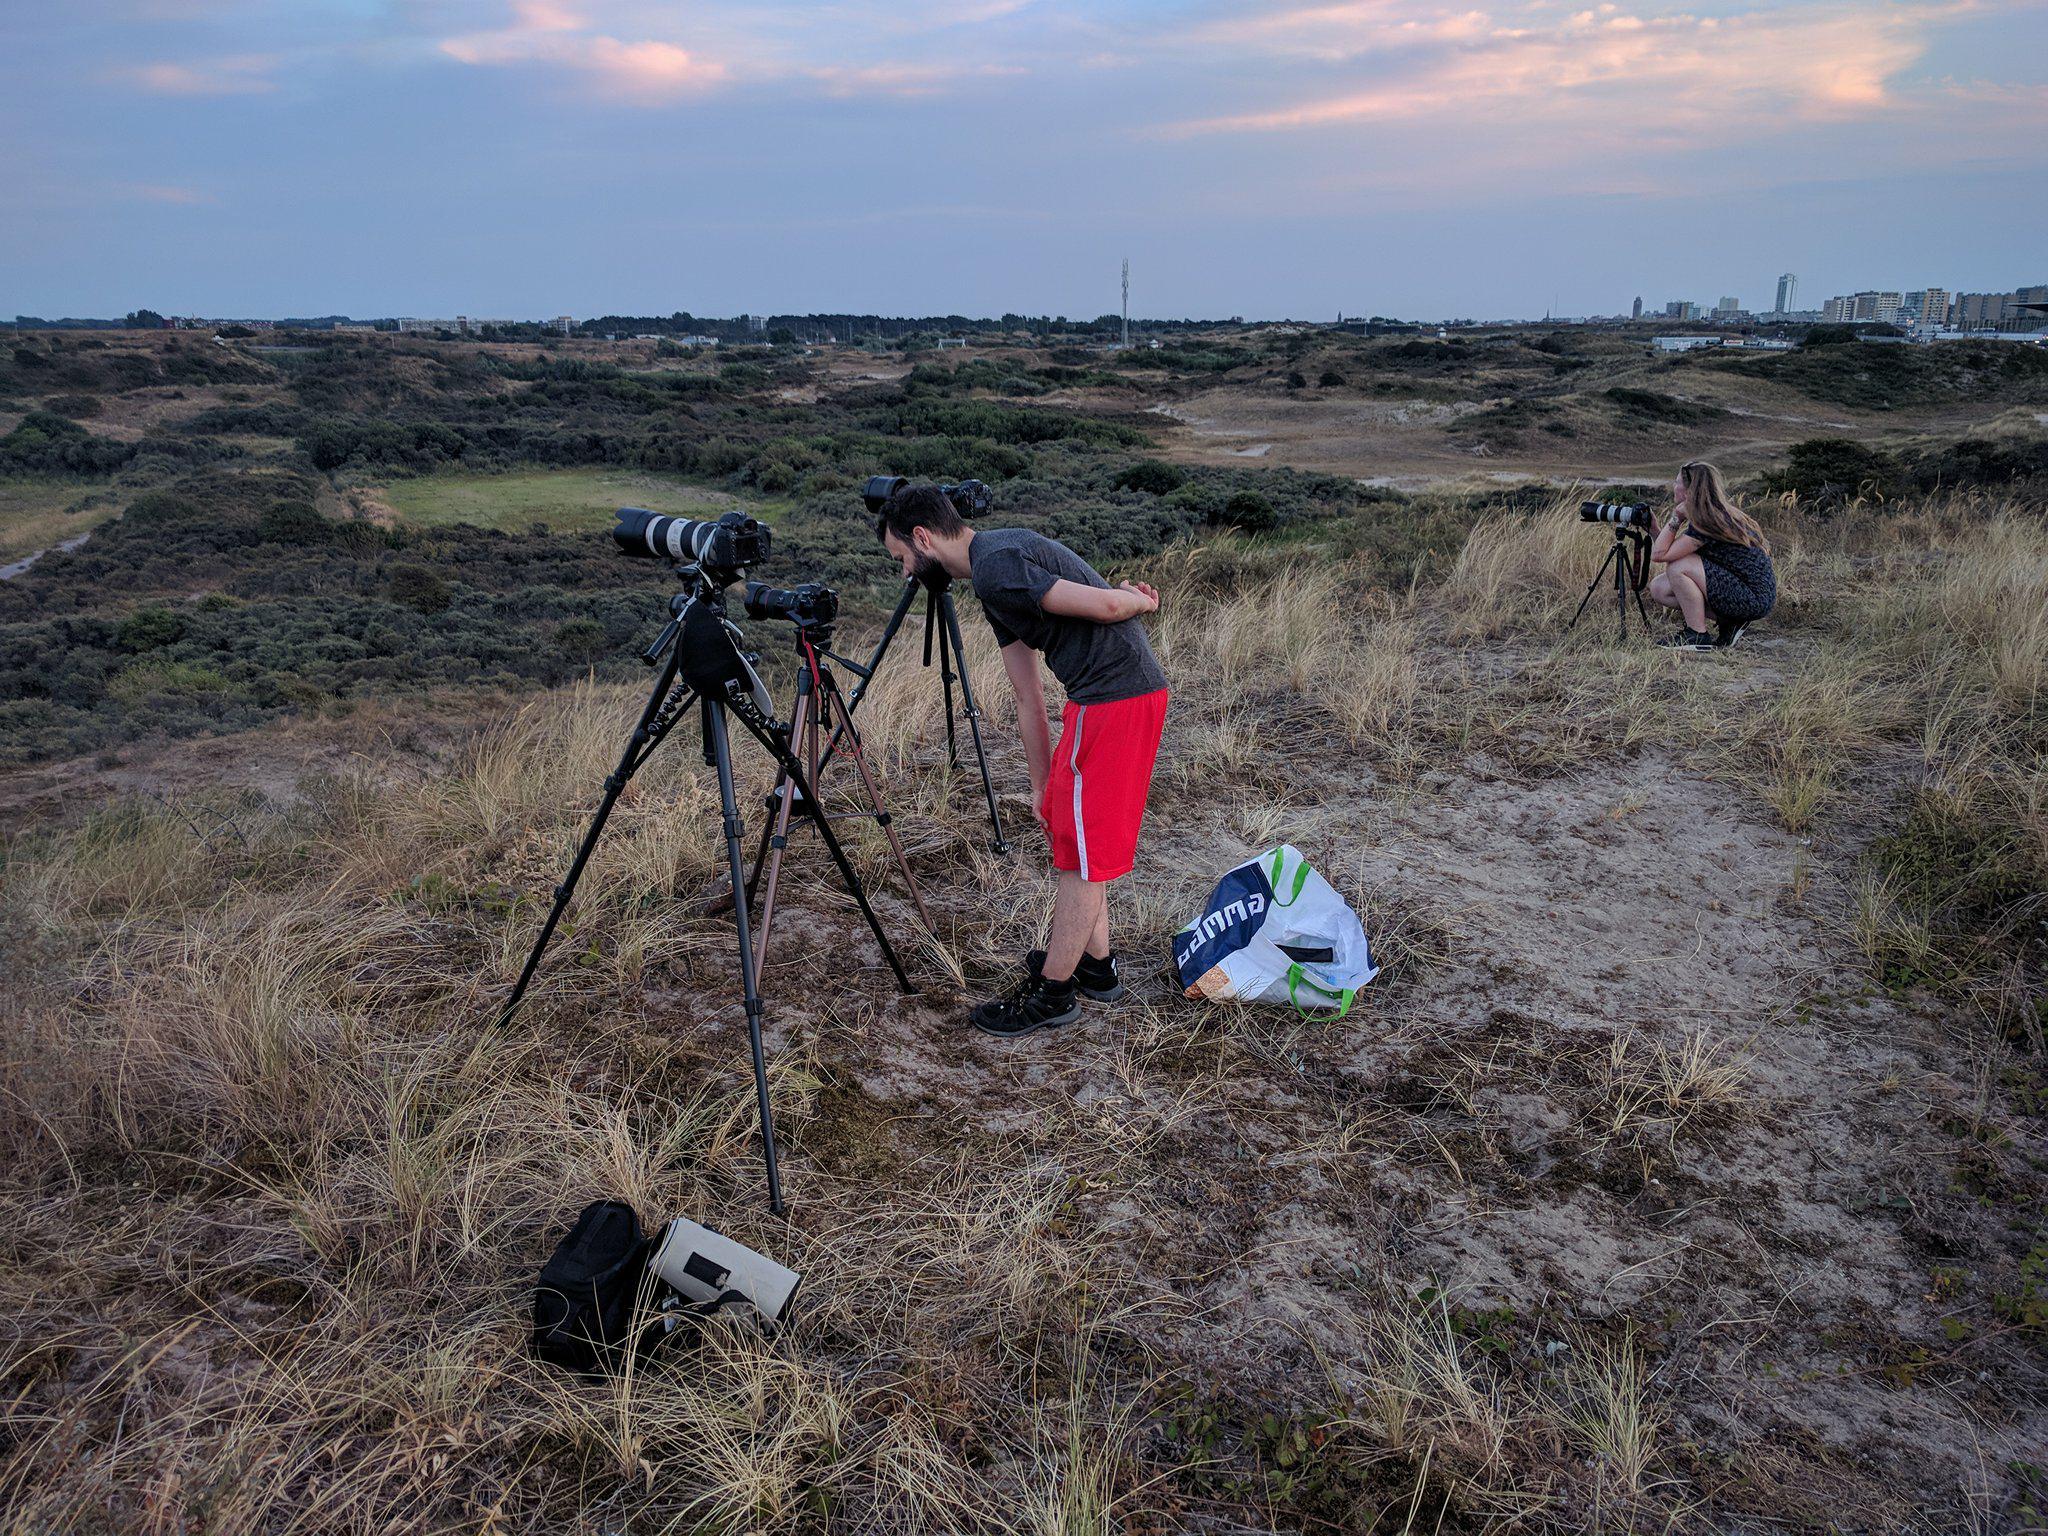 Maan fotograferen